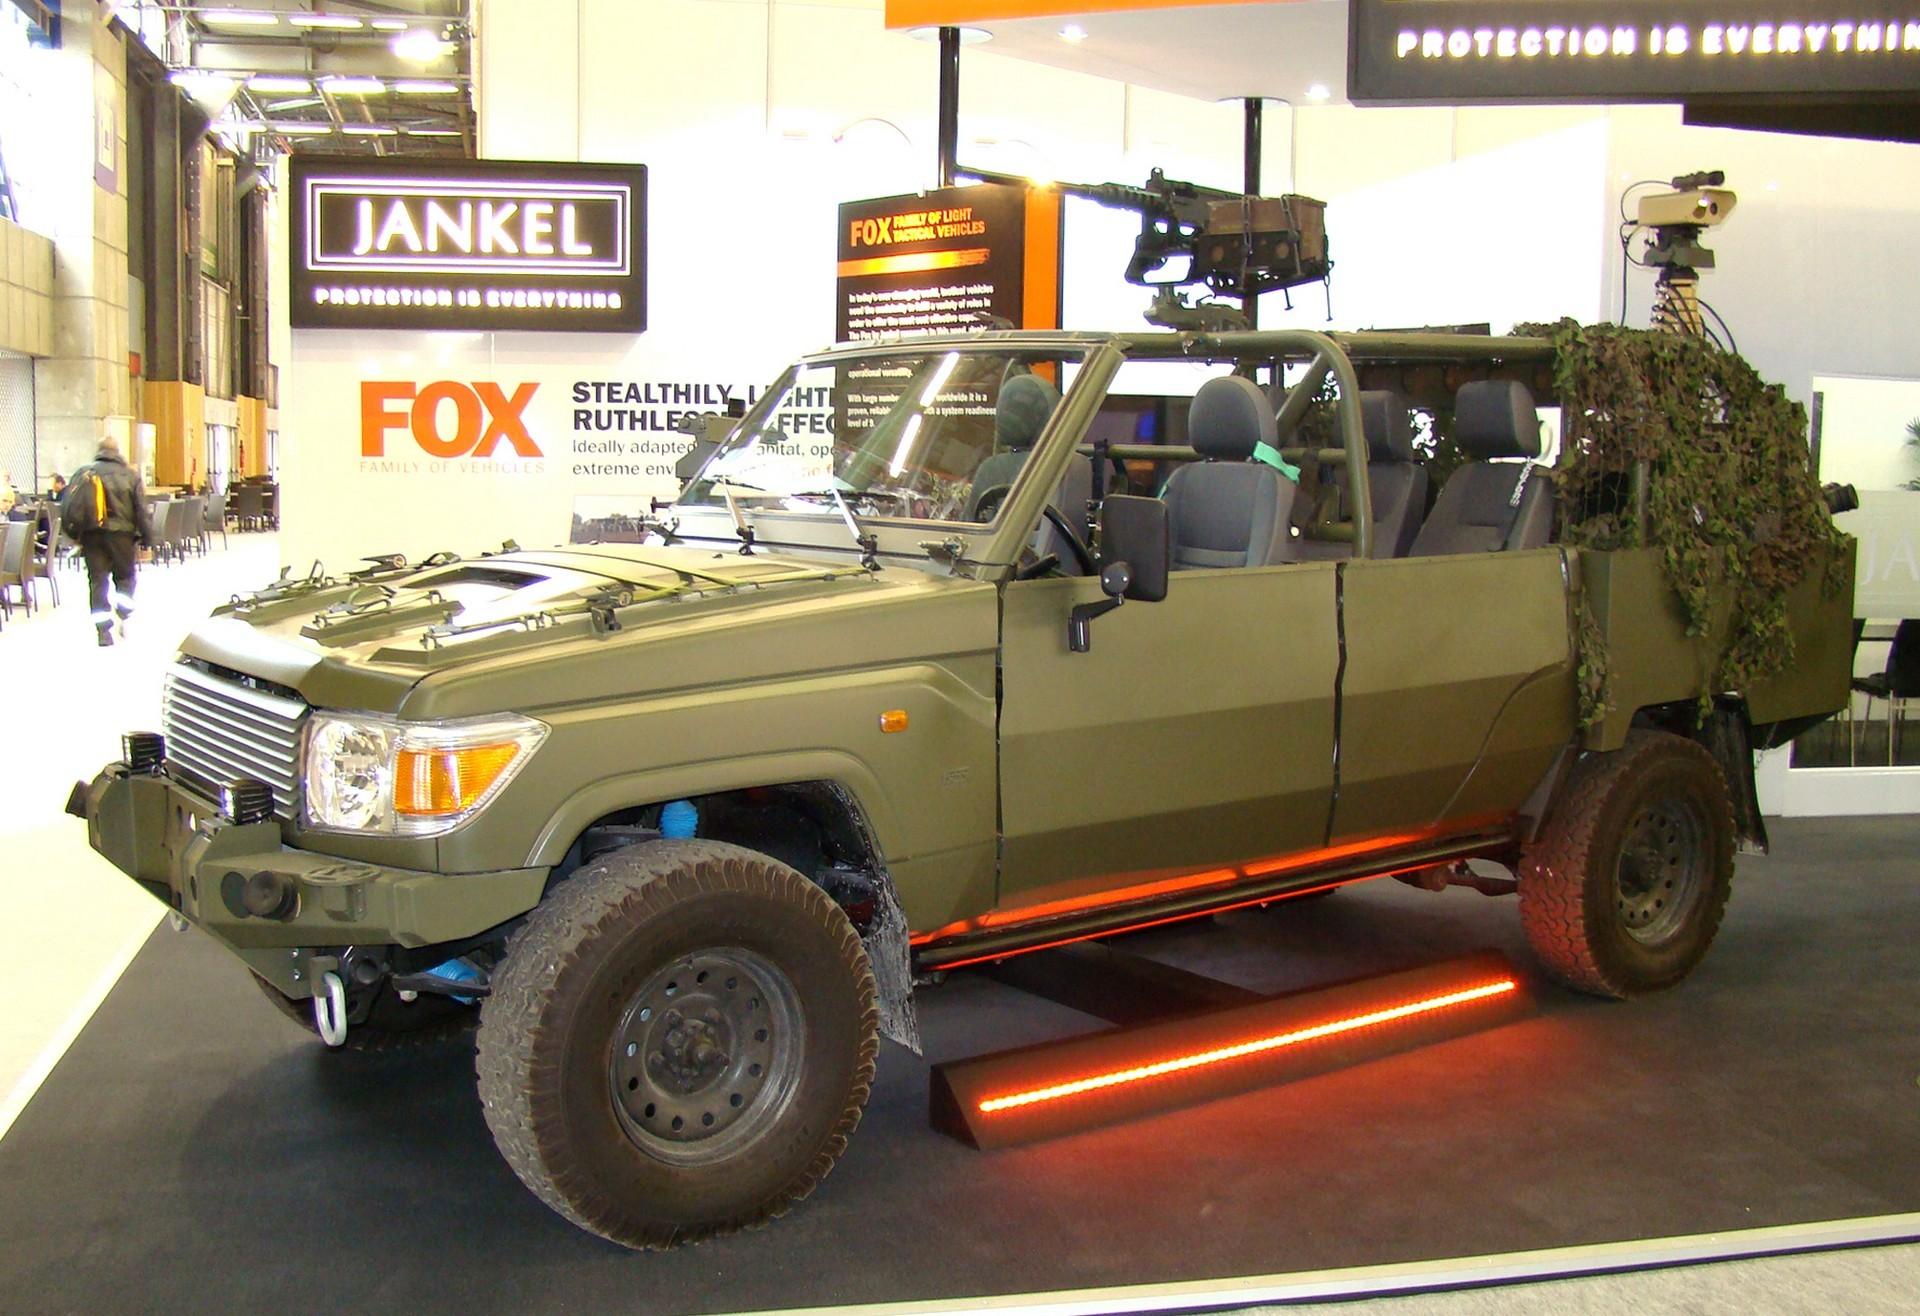 Английская быстроходная машина Jankel Fox на базе внедорожника Toyota